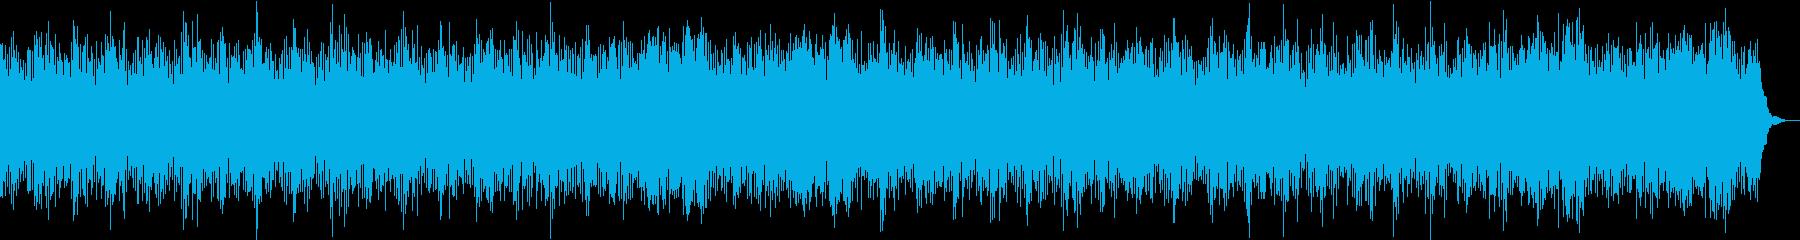 壮大・勇壮・パワフル・テクノオーケストラの再生済みの波形